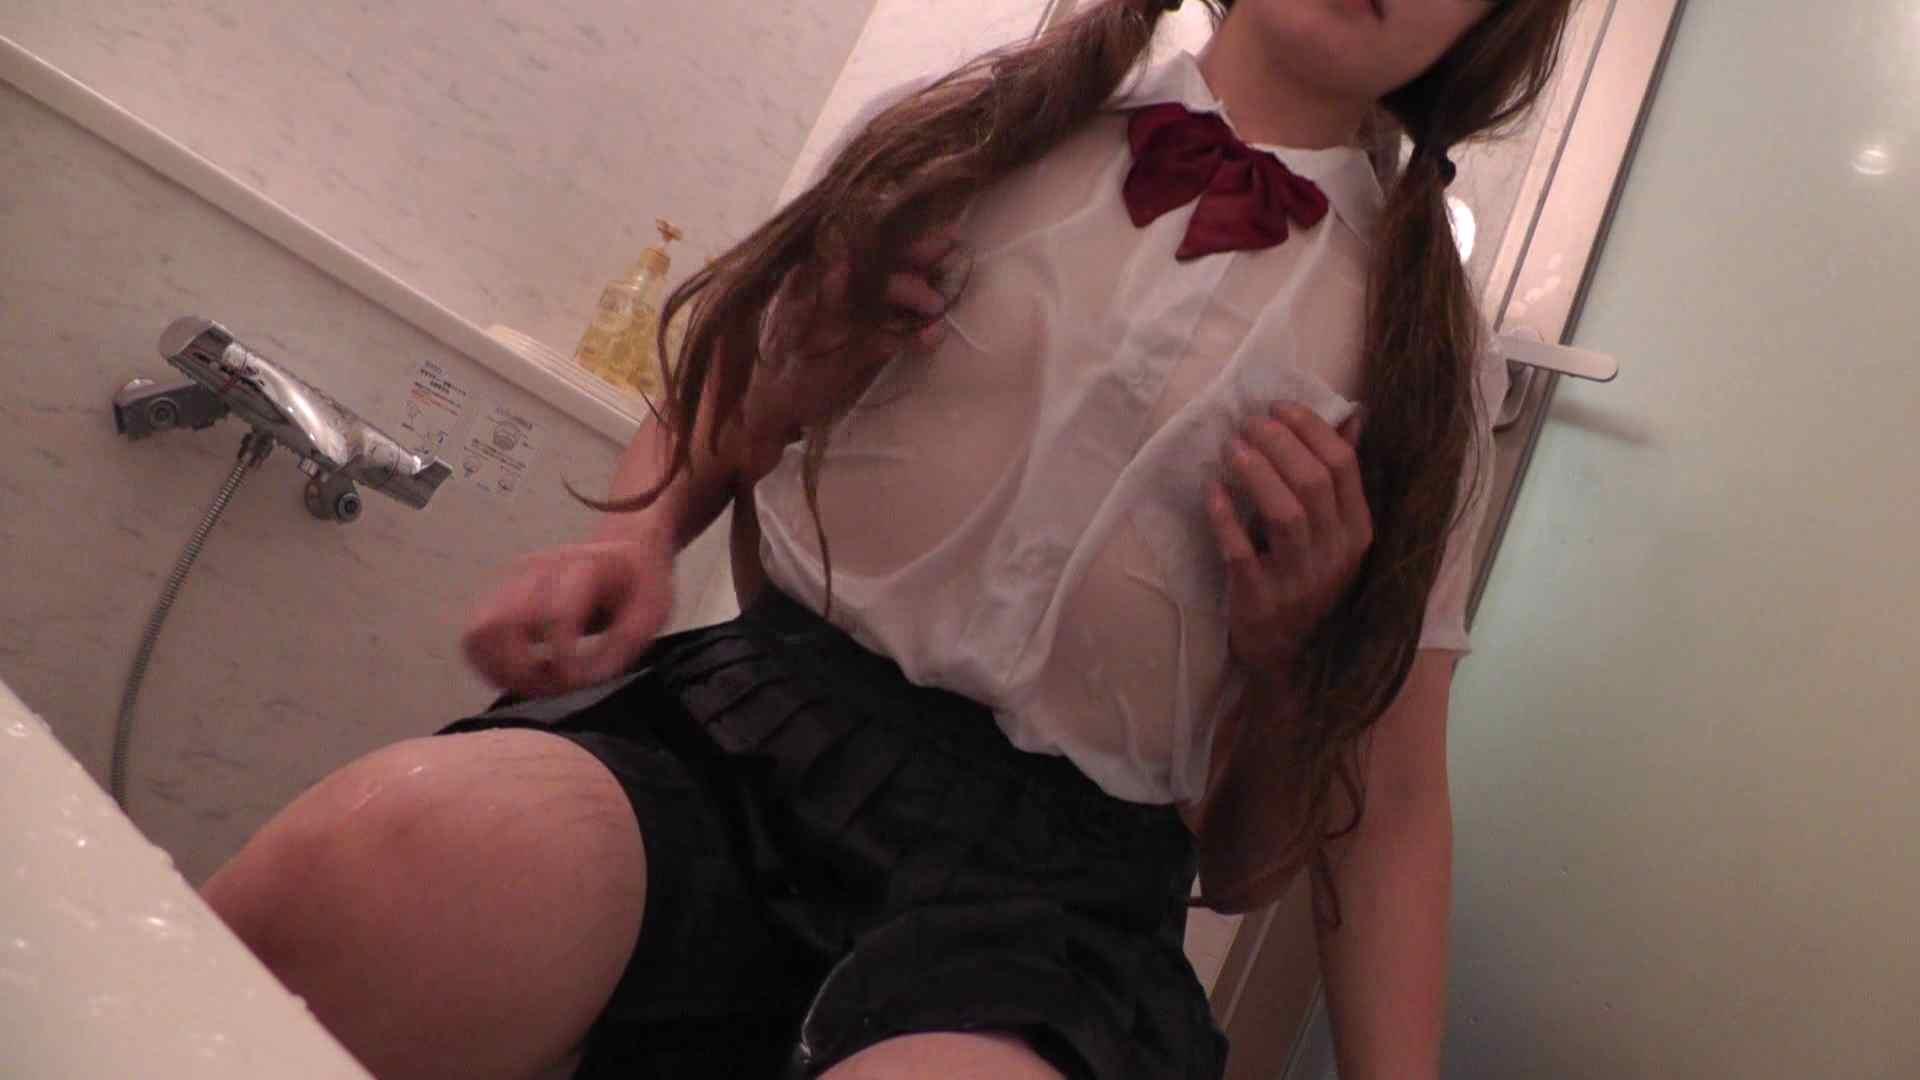 俺推し素人 Bカップ20代人妻現役ナース久美 一般投稿 | 制服見たい  108pic 71